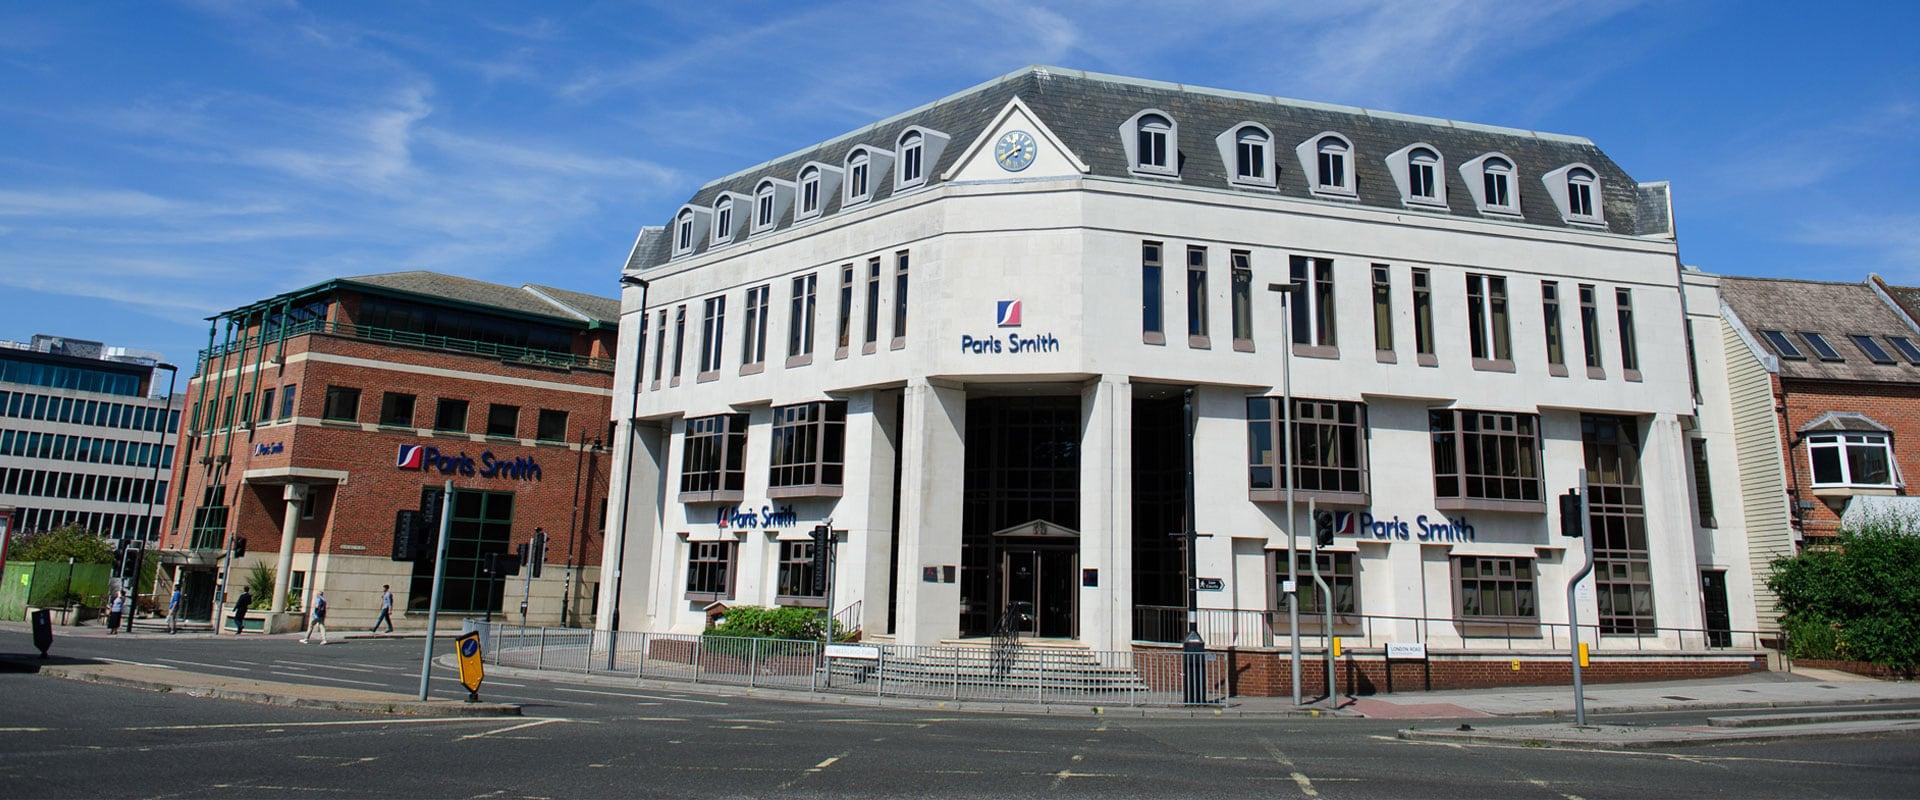 Southampton Property Tax